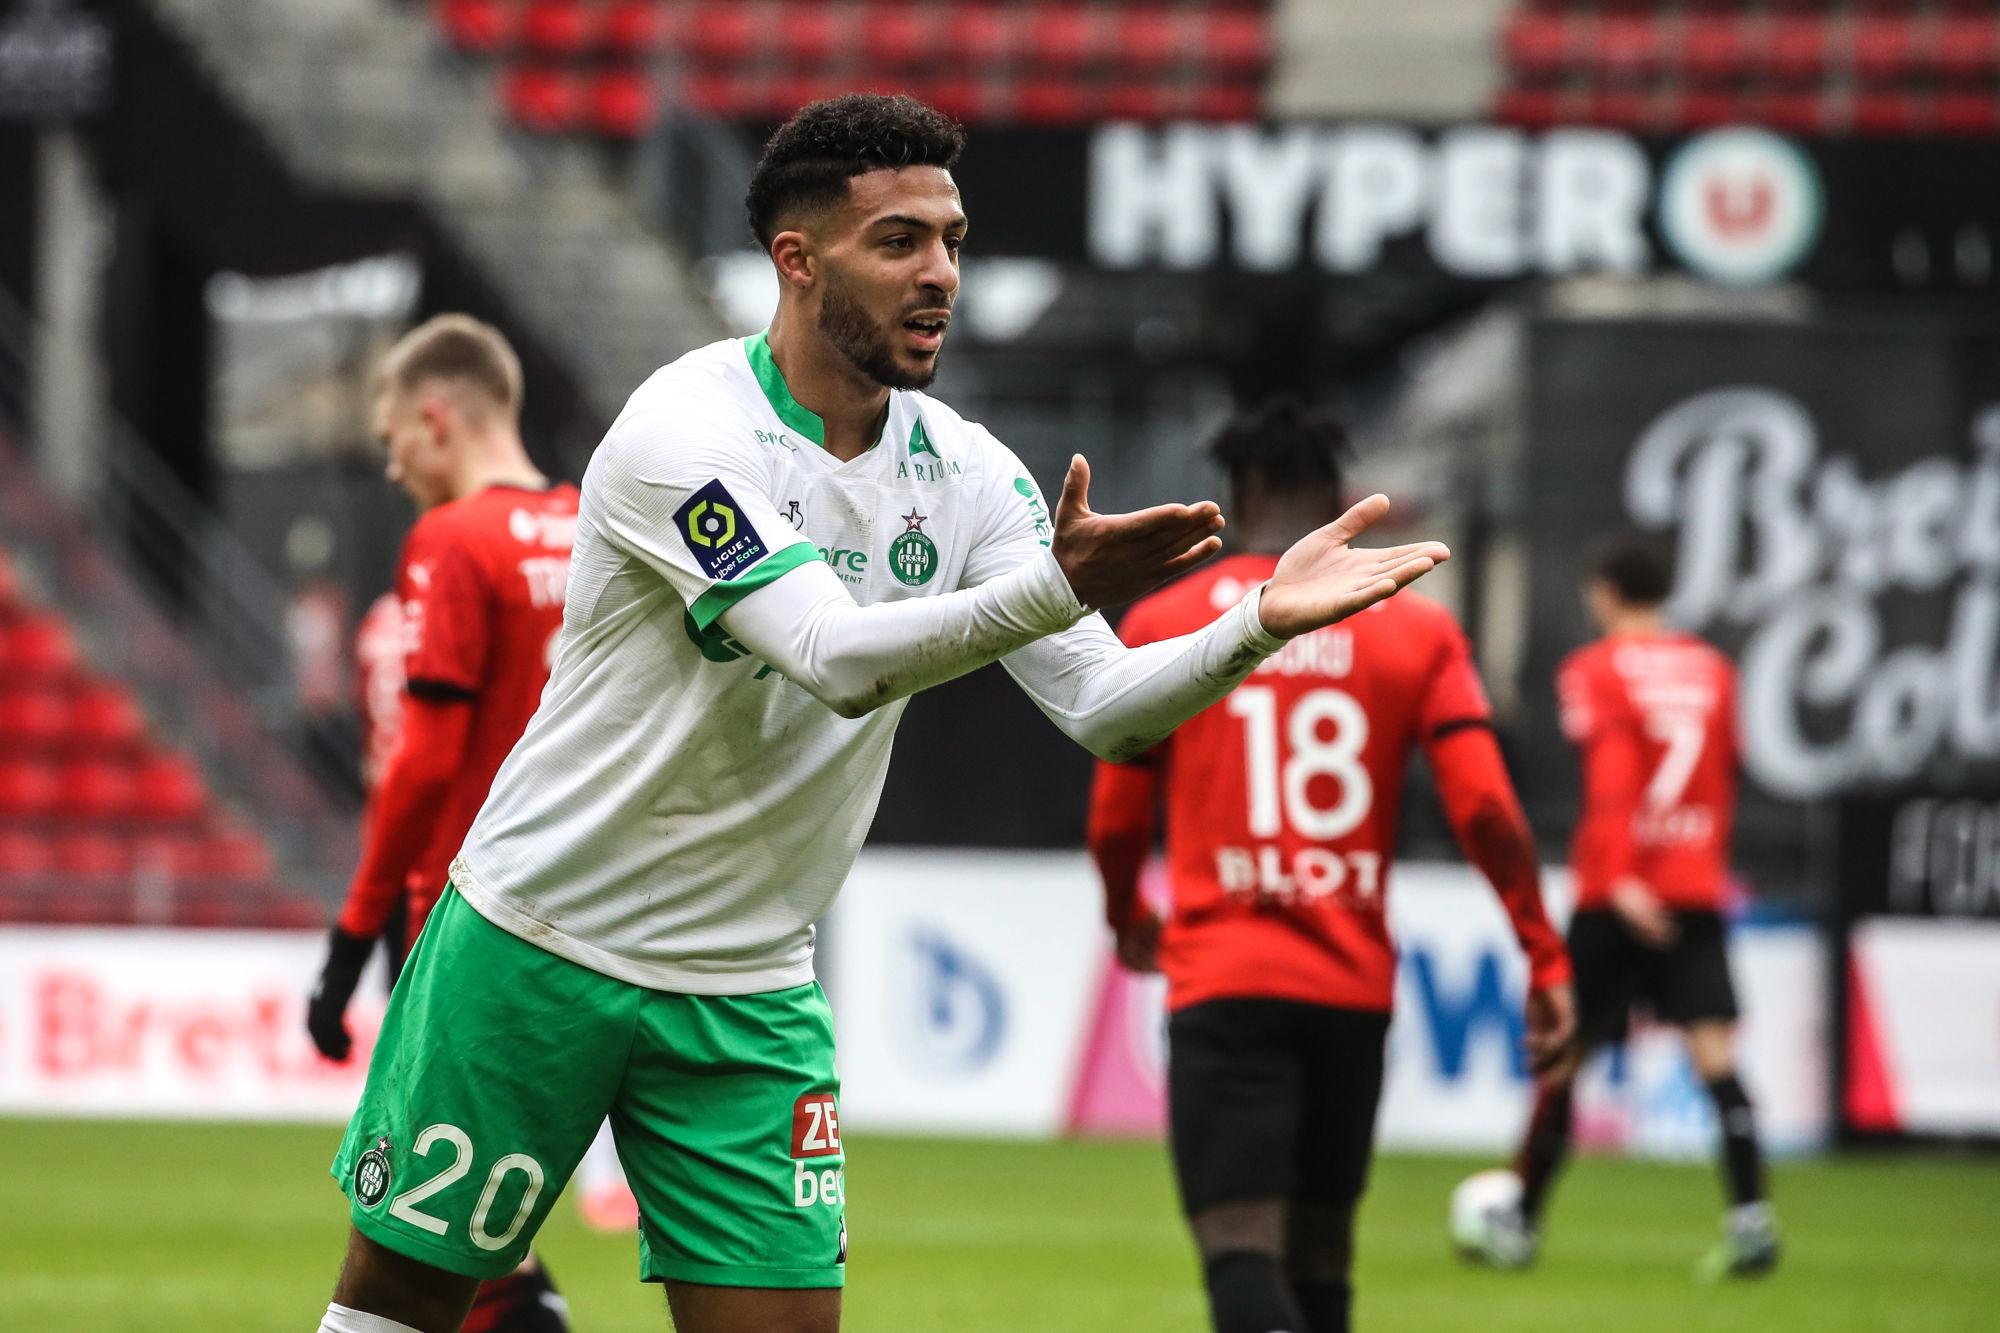 Ligue 1 - 25ème j. | Les notes de Stade Rennais - ASSE (0-2) 1